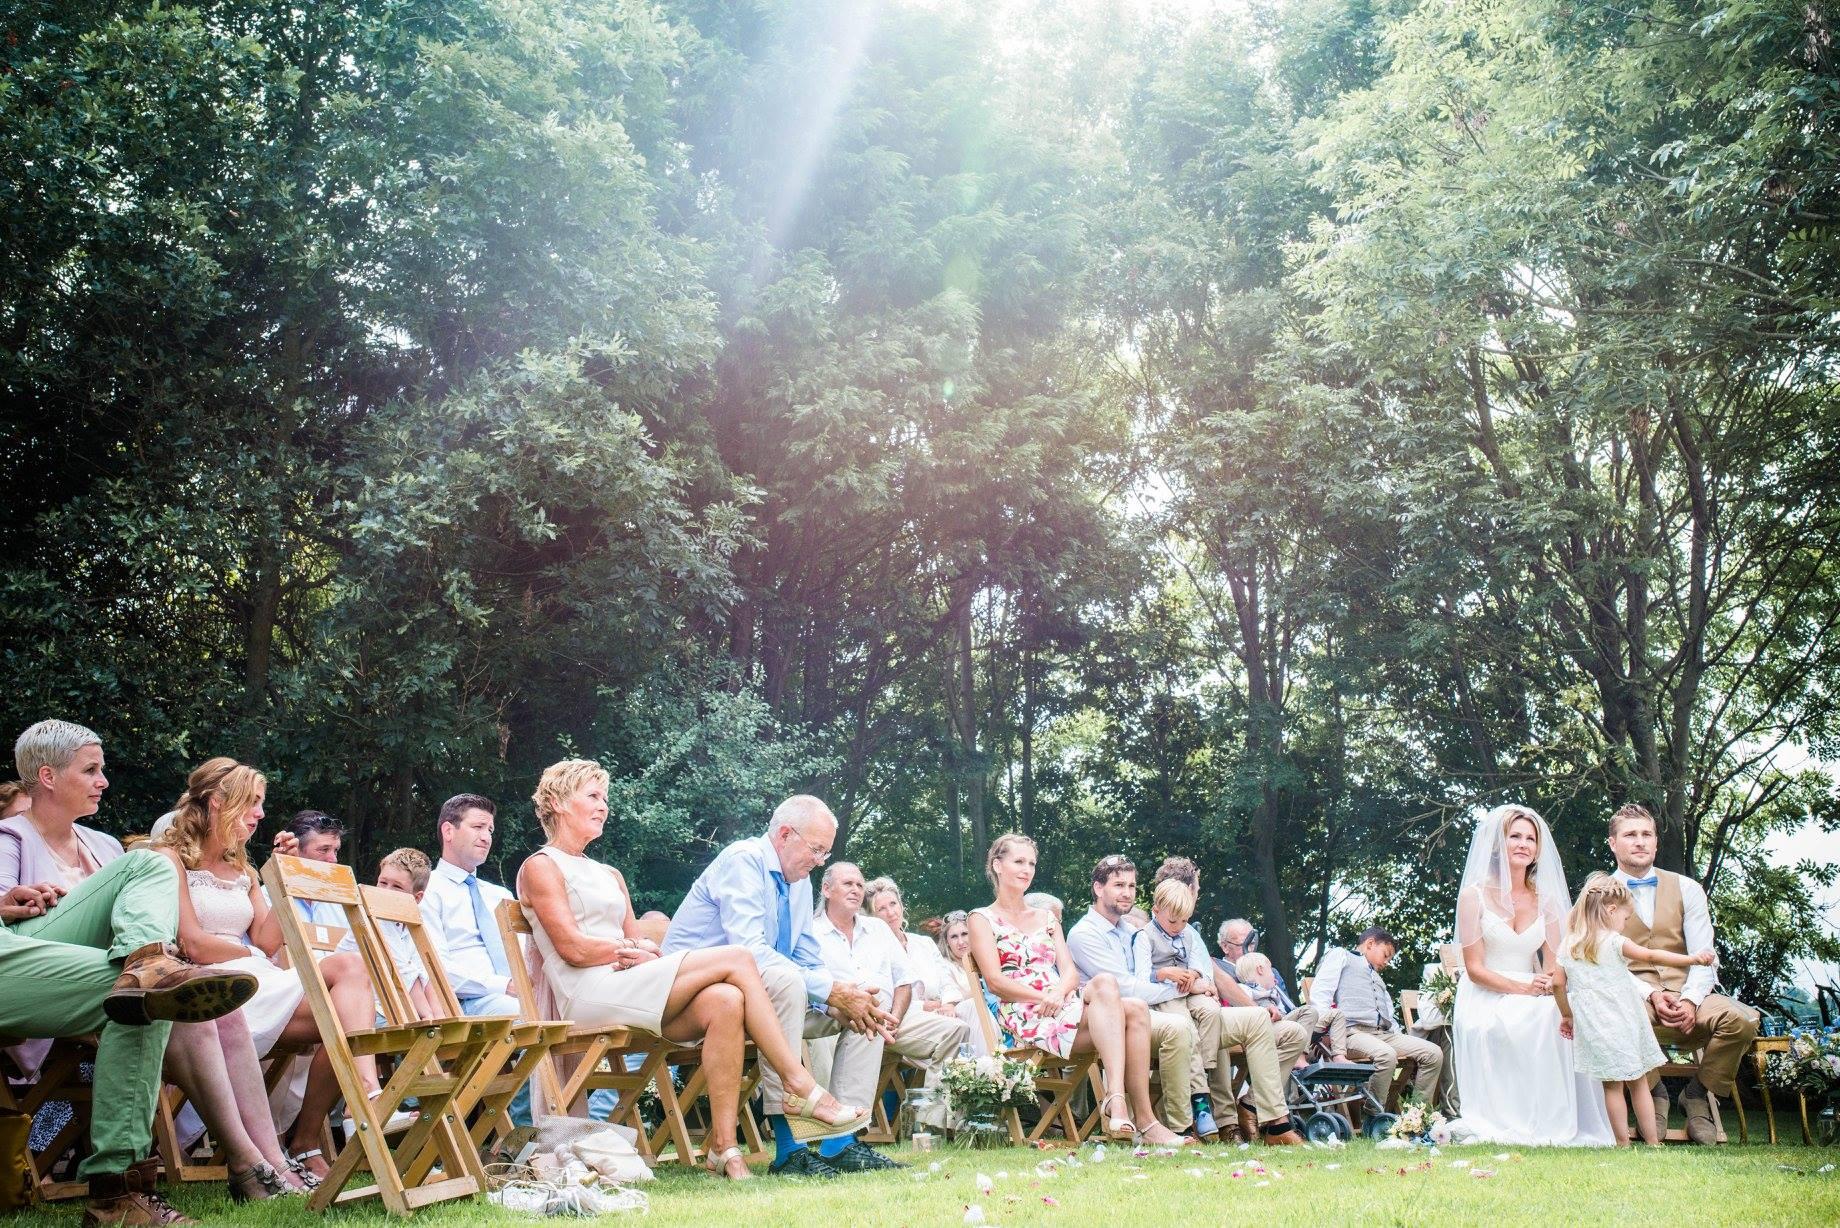 Ceremonie op de open plek